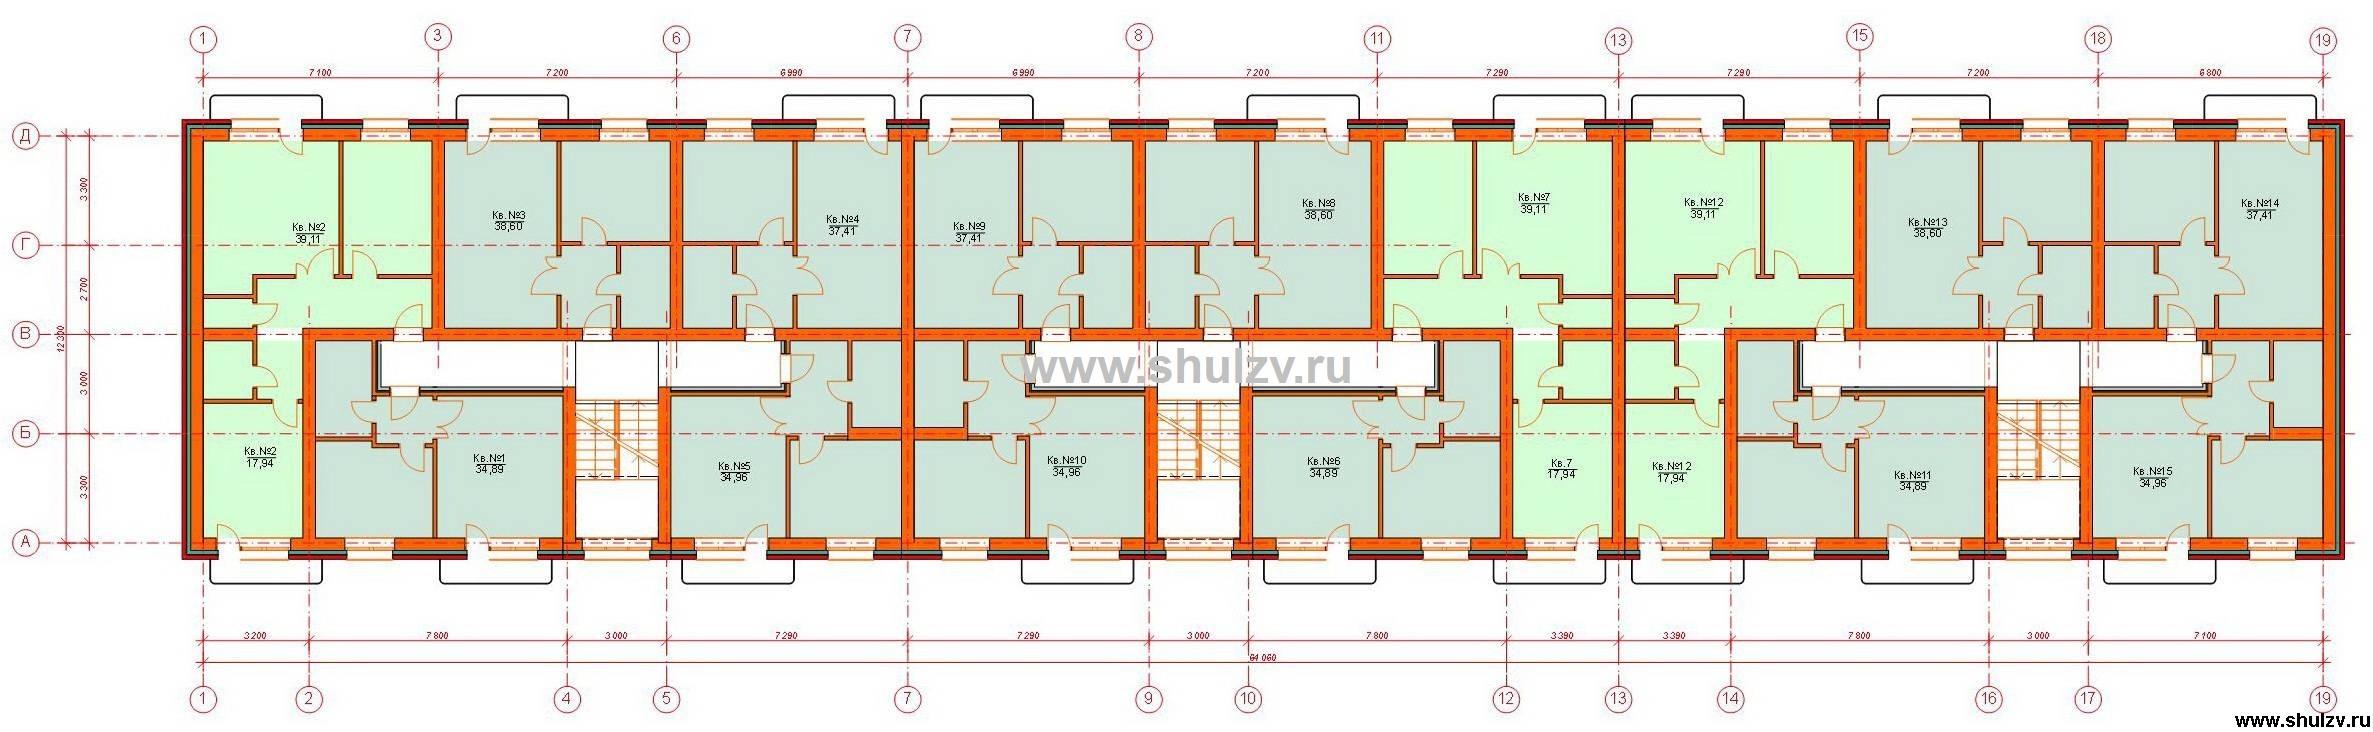 проекты панельных пятиэтажных домов